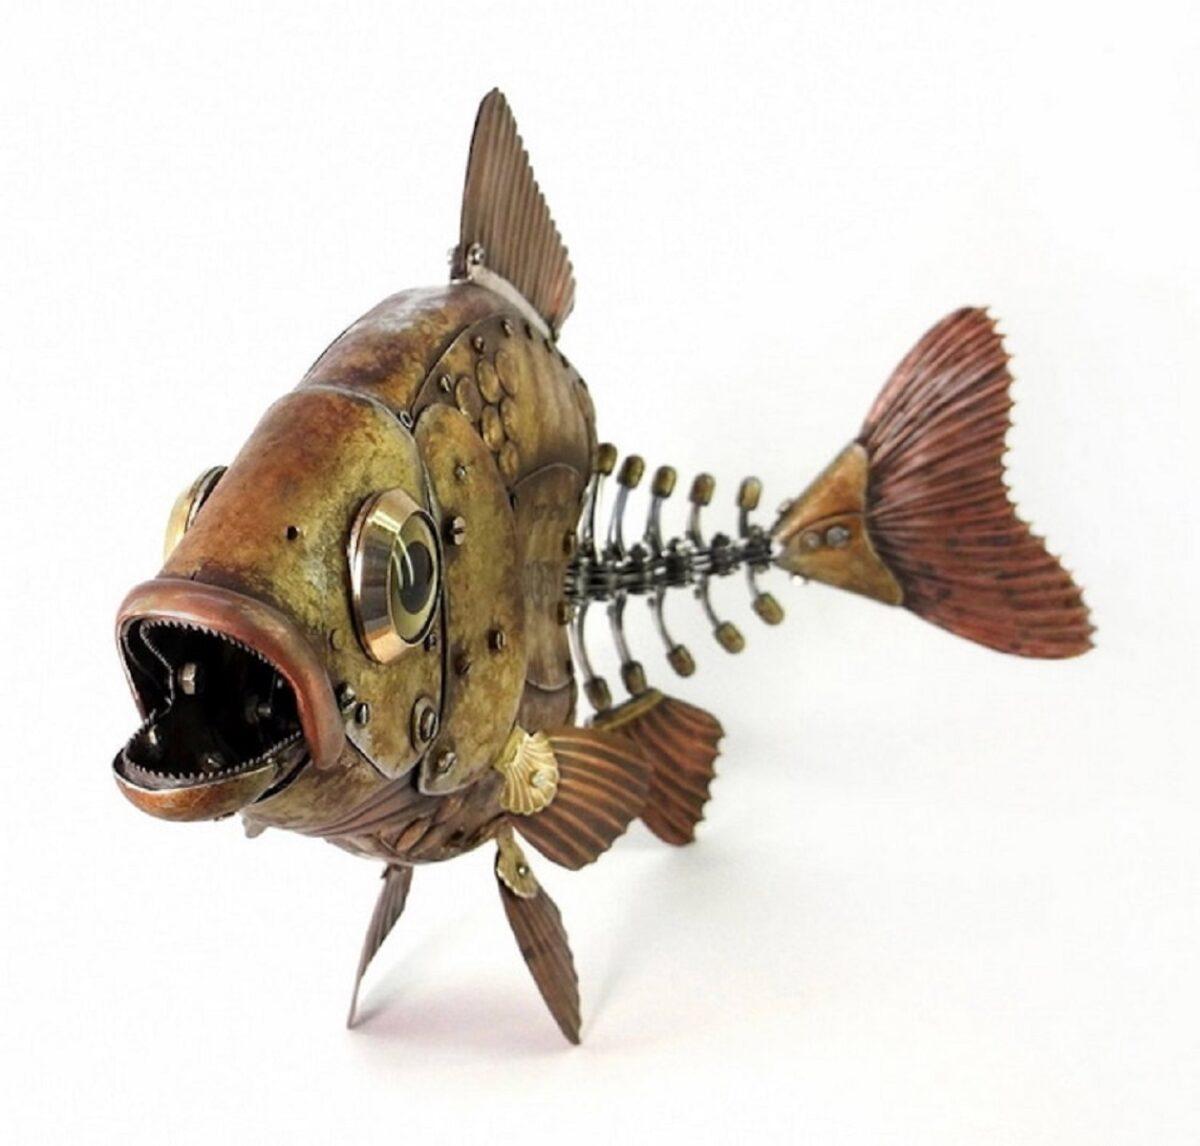 Artista cria esculturas de animais com pecas mecanicas descartadas em estilo Steampunk 12